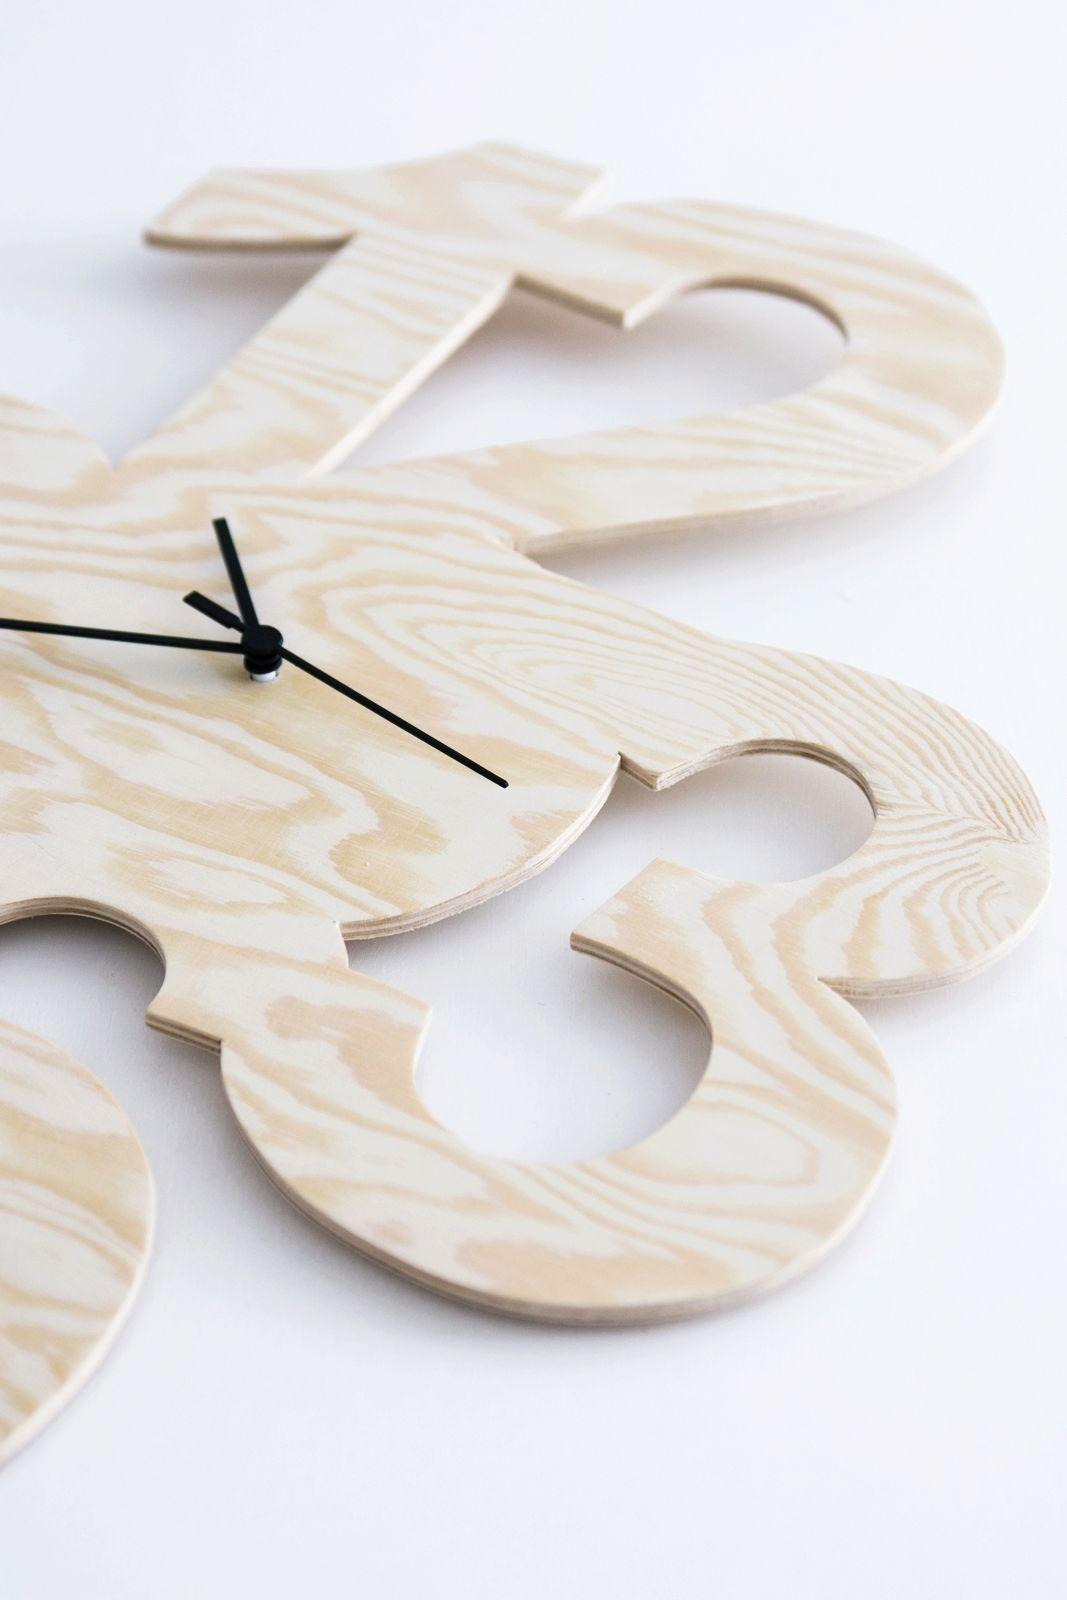 diy uhr aus kiefersperrholz holzige ideen pinterest diy uhr uhren und diy und selbermachen. Black Bedroom Furniture Sets. Home Design Ideas